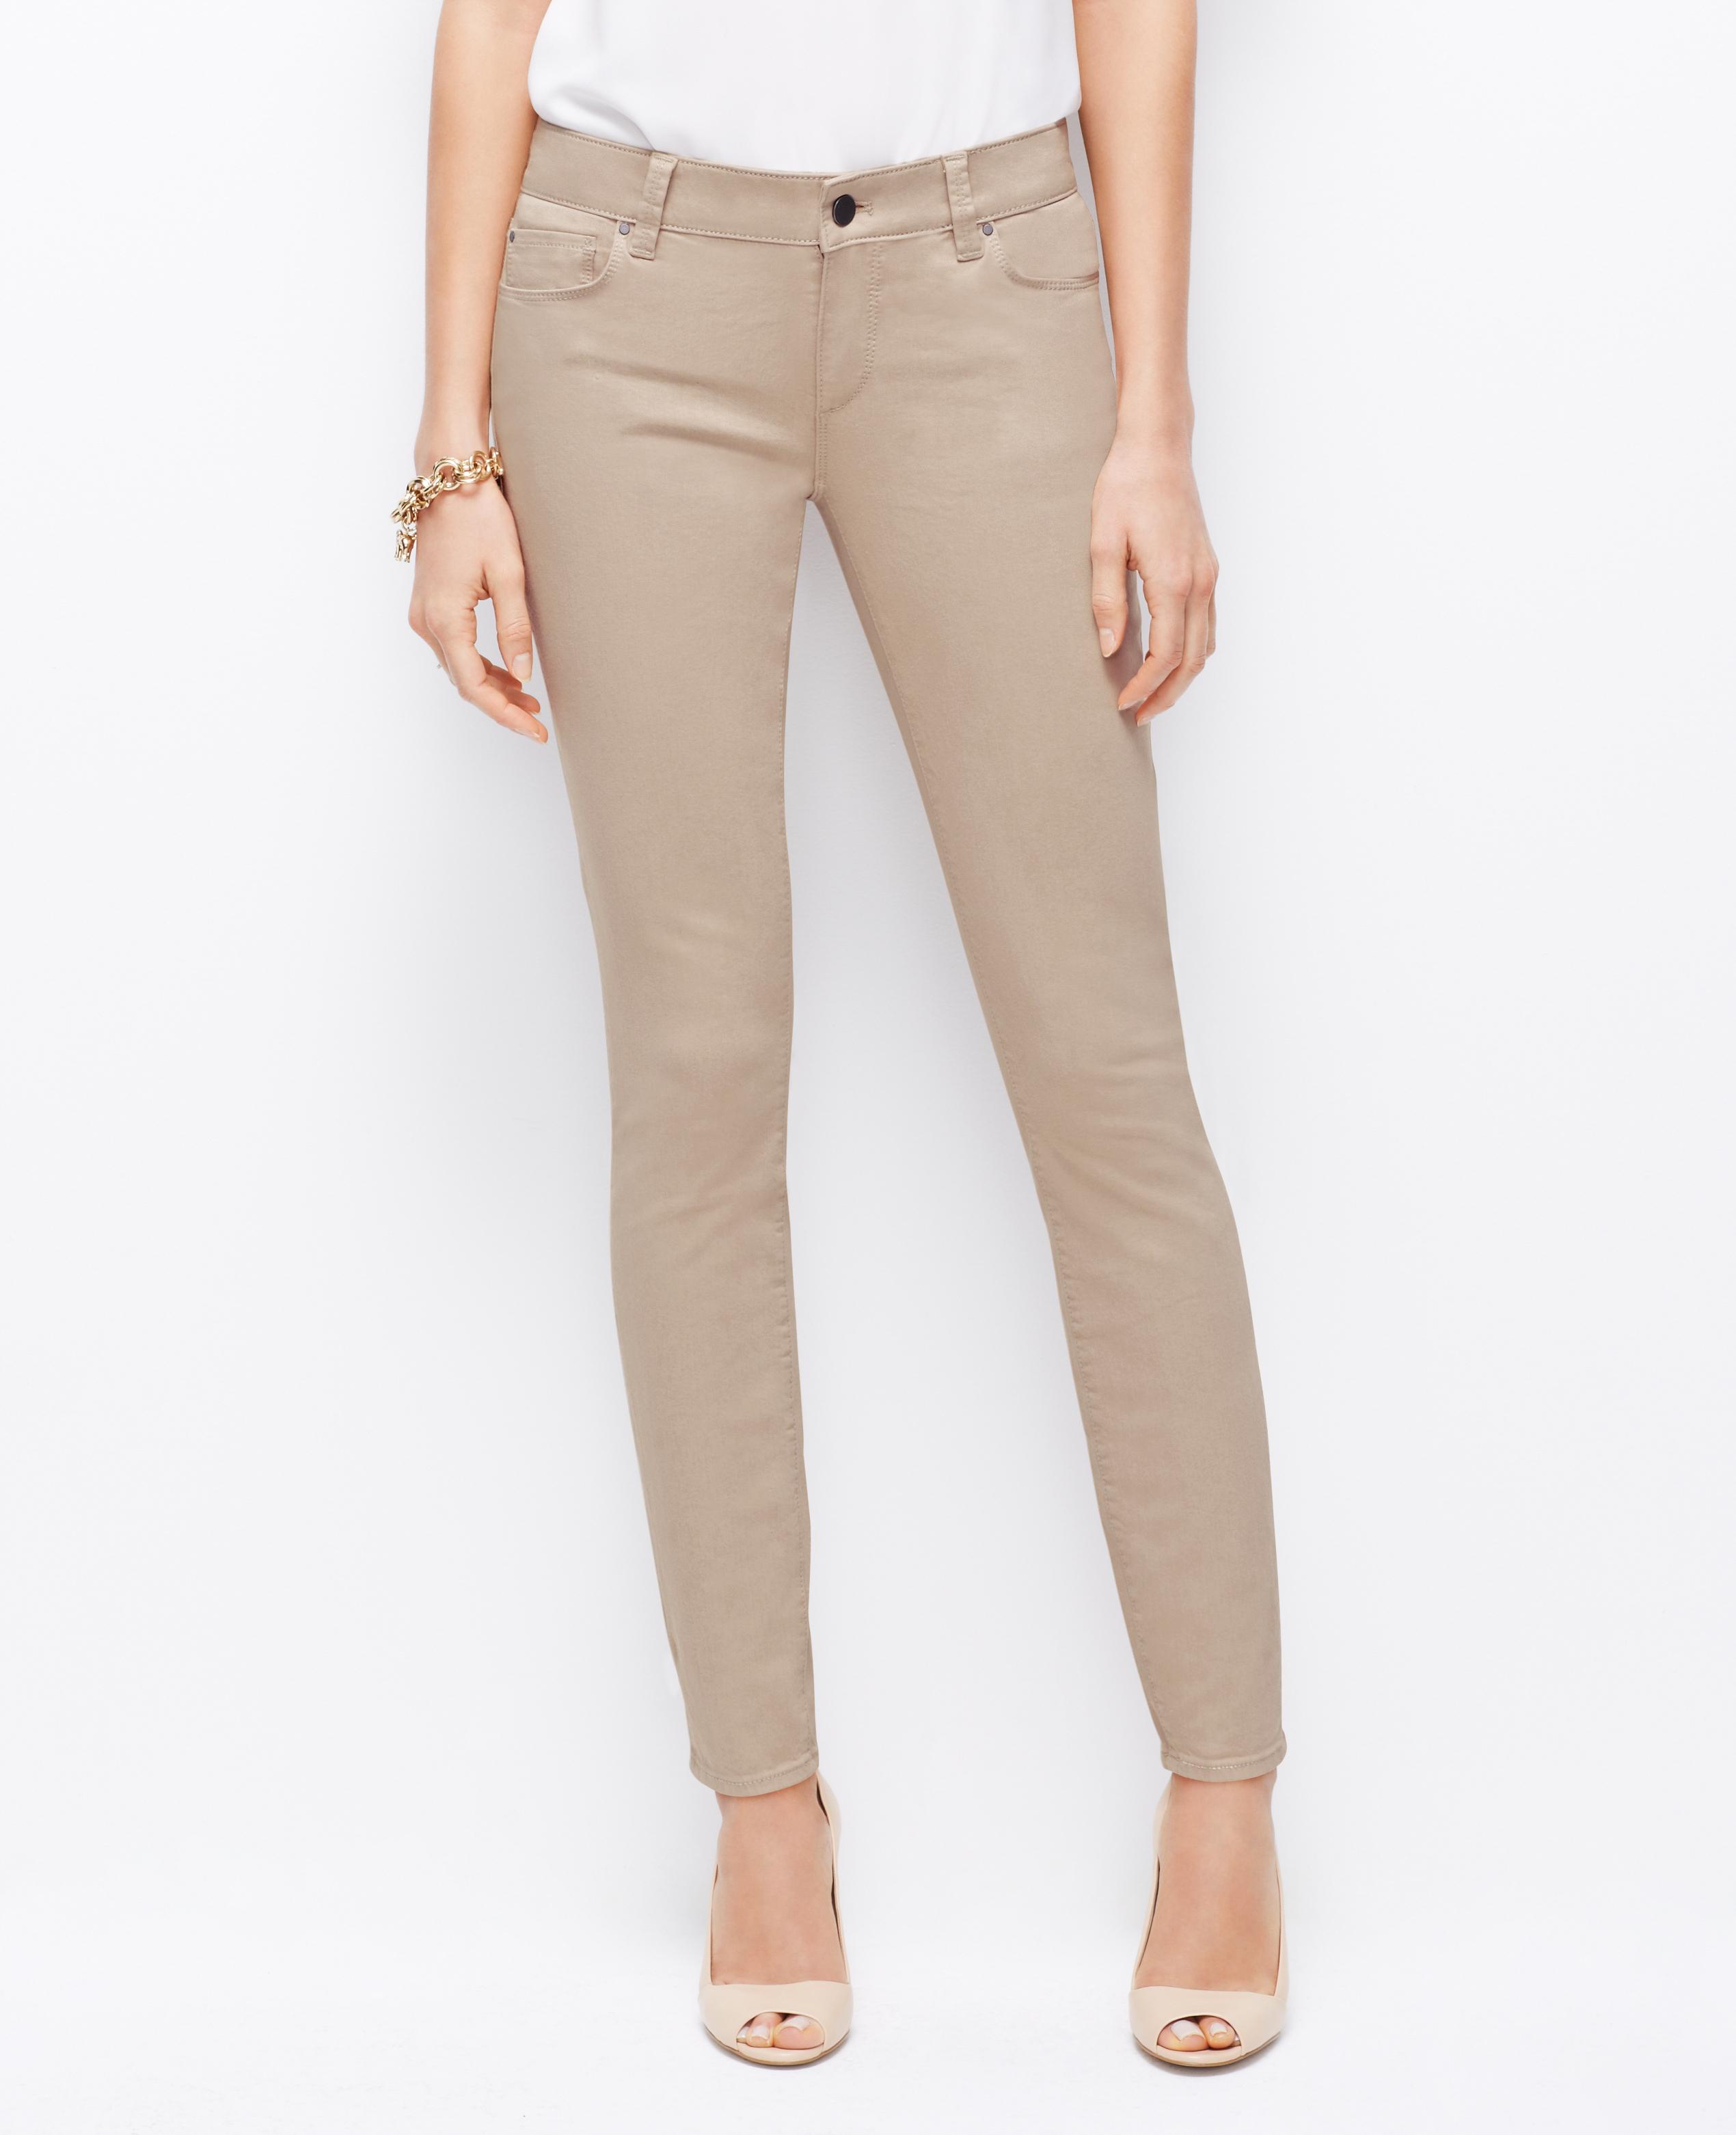 Khaki skinny jeans tall